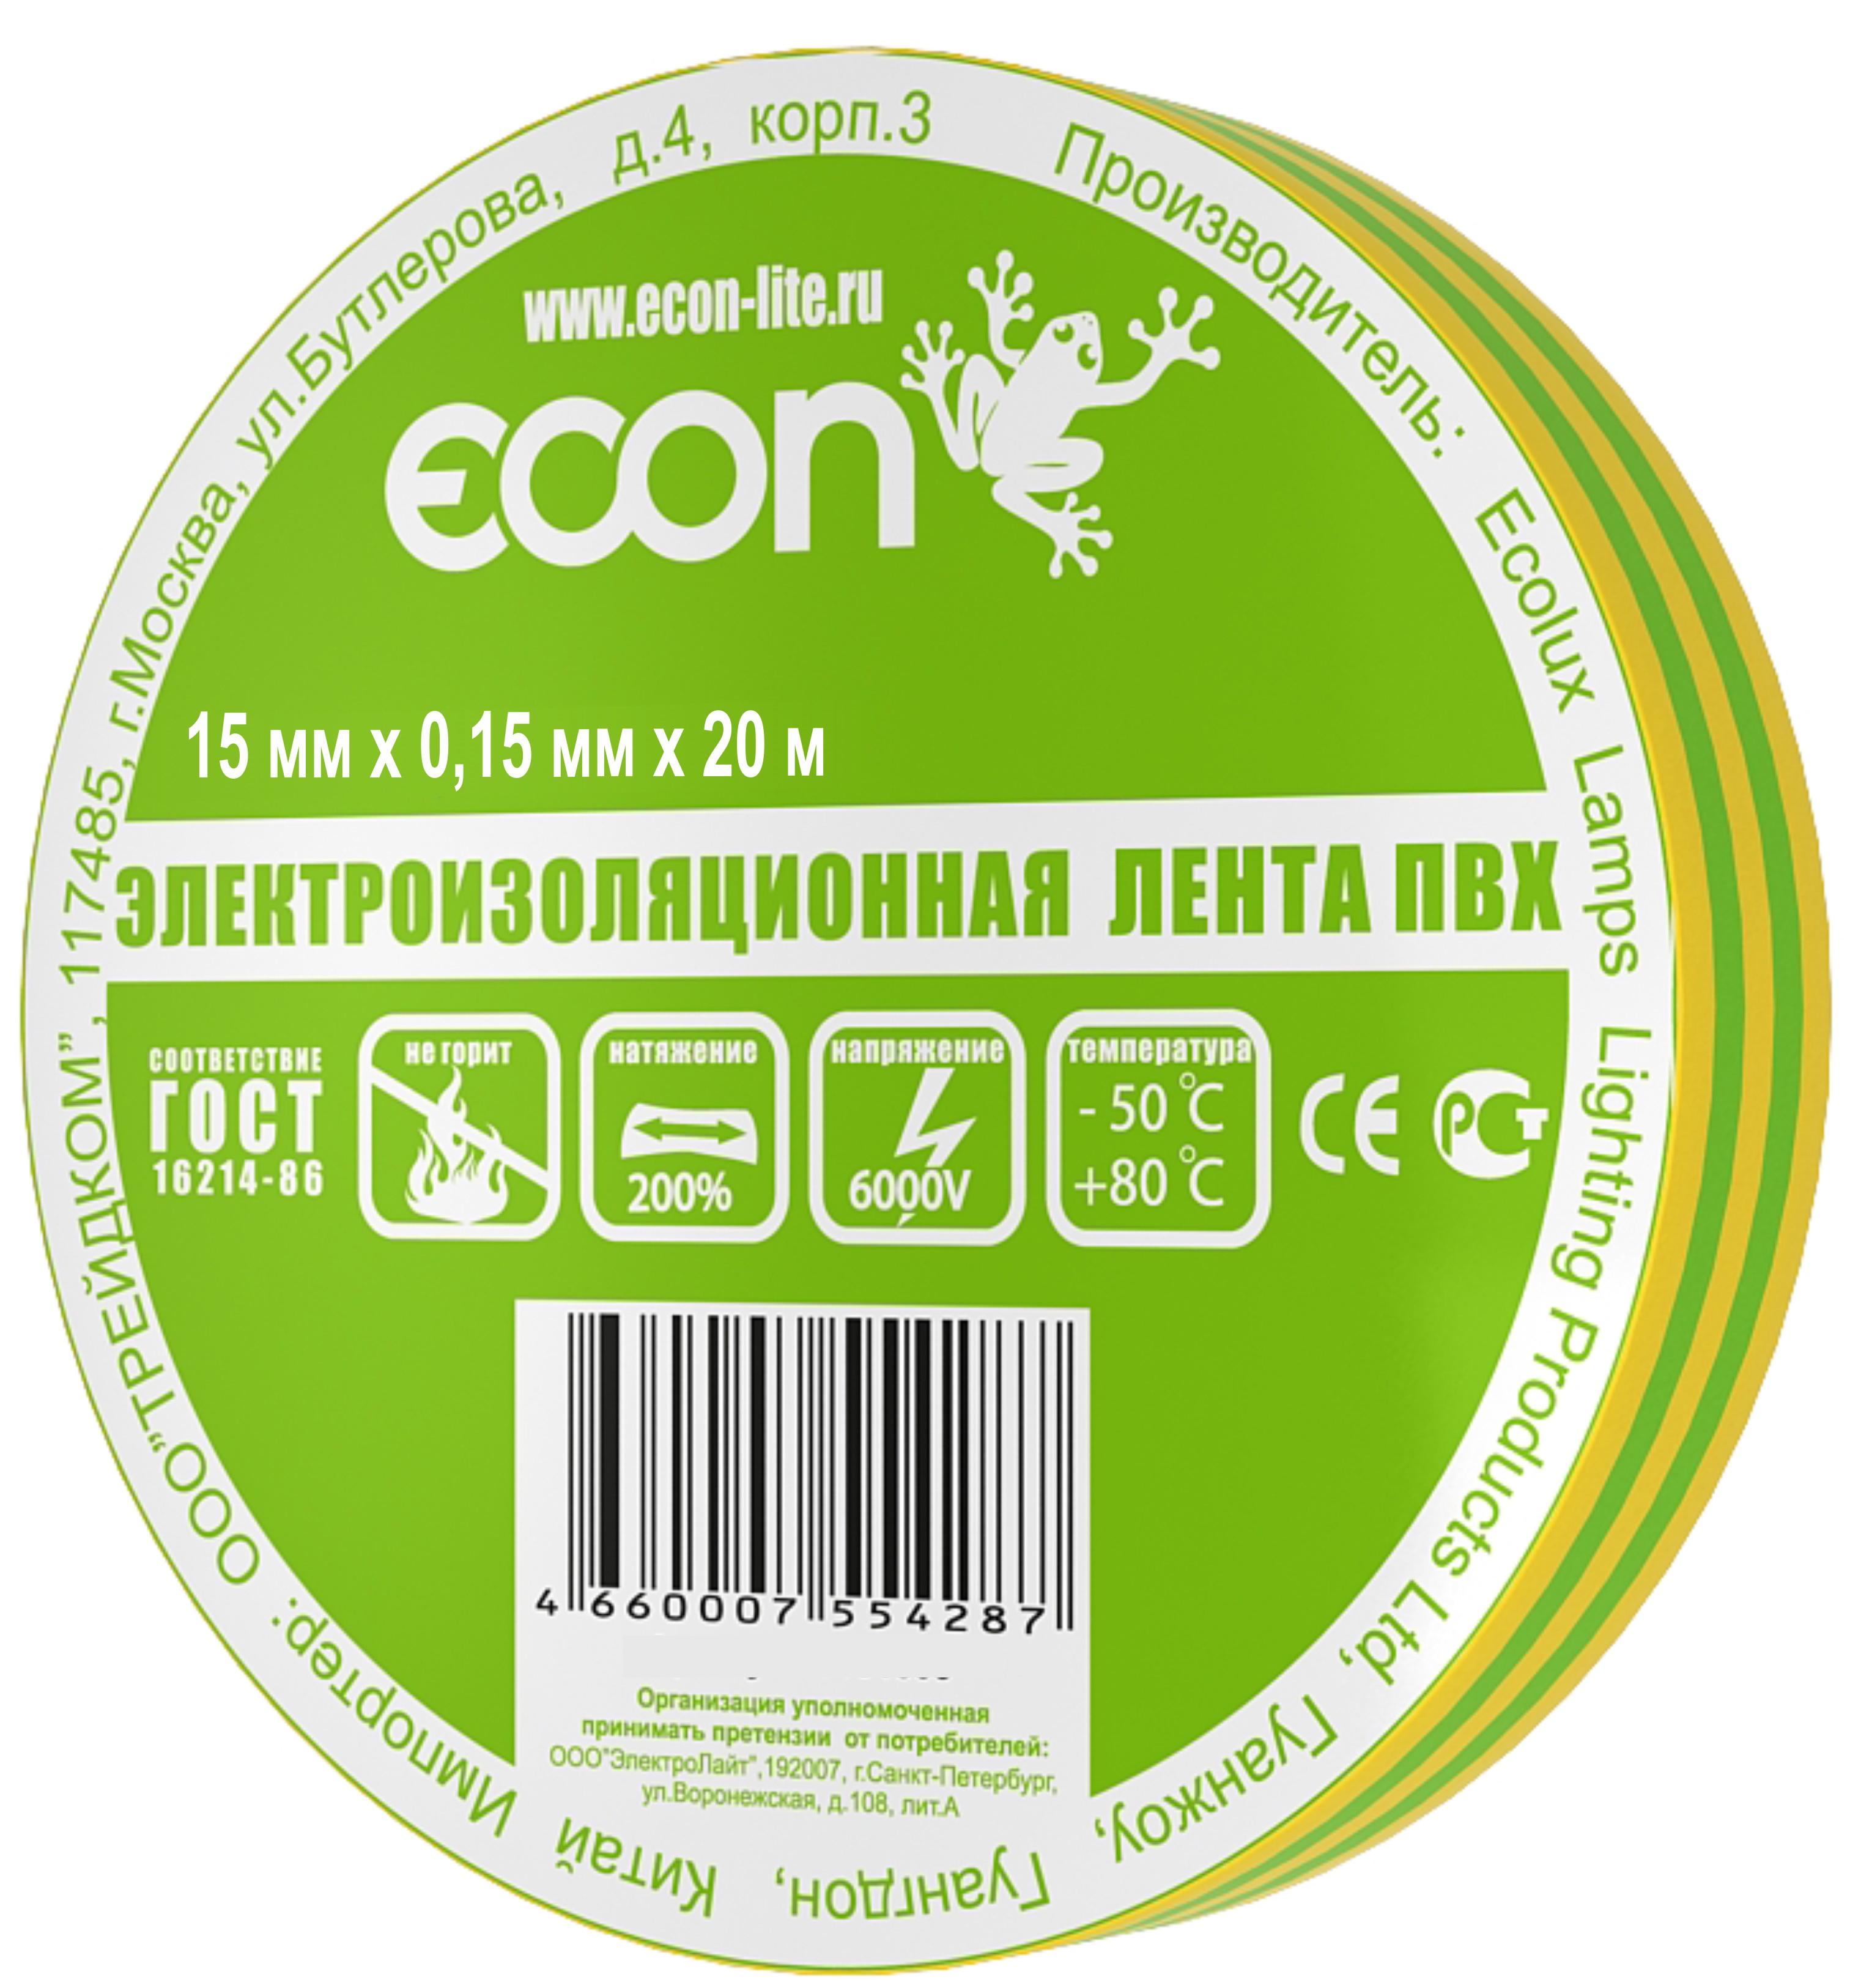 Купить Изолента Econ 15/20 желто-зеленый